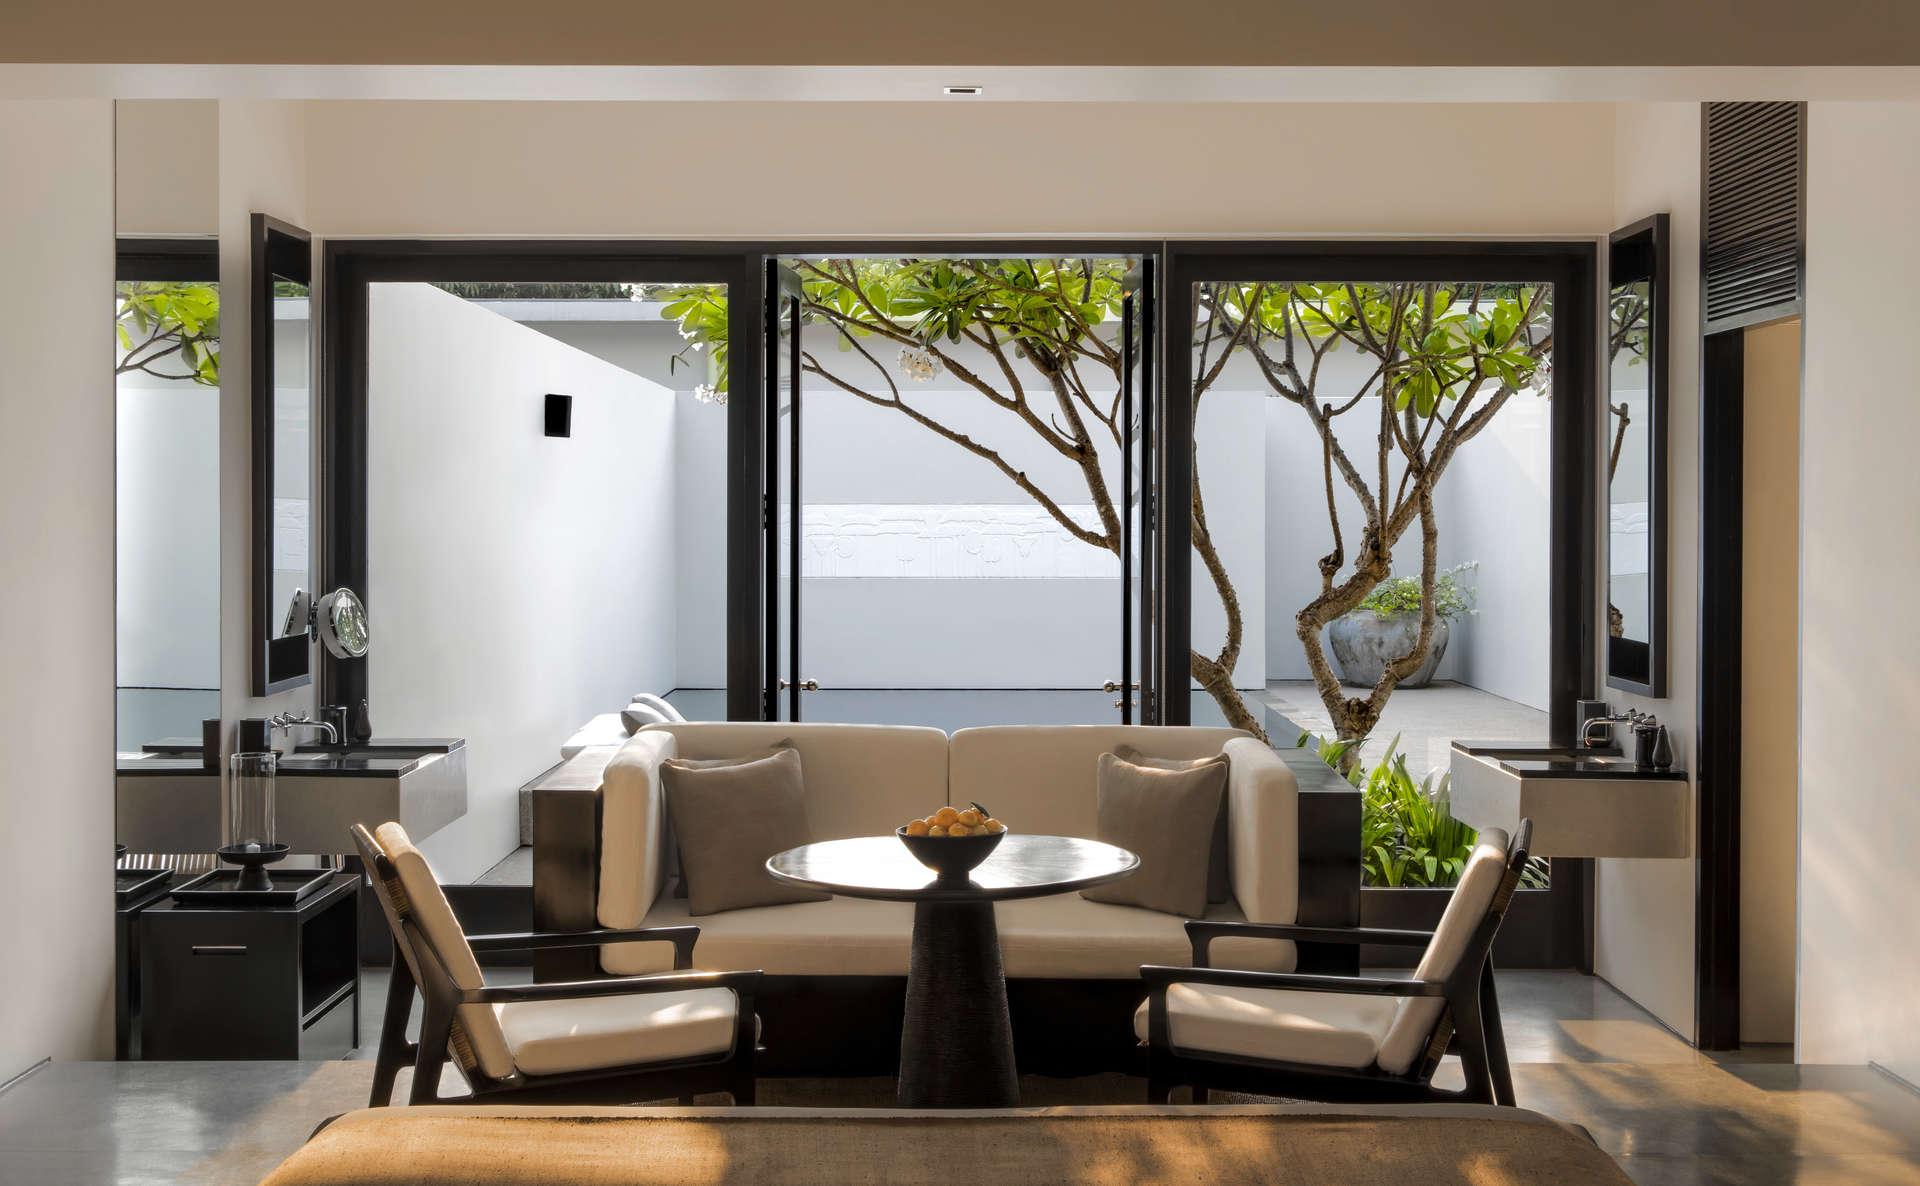 Luxury villa rentals asia - Cambodia - Angkor - Amansararesort - Pool Suite | Amansara - Image 1/7